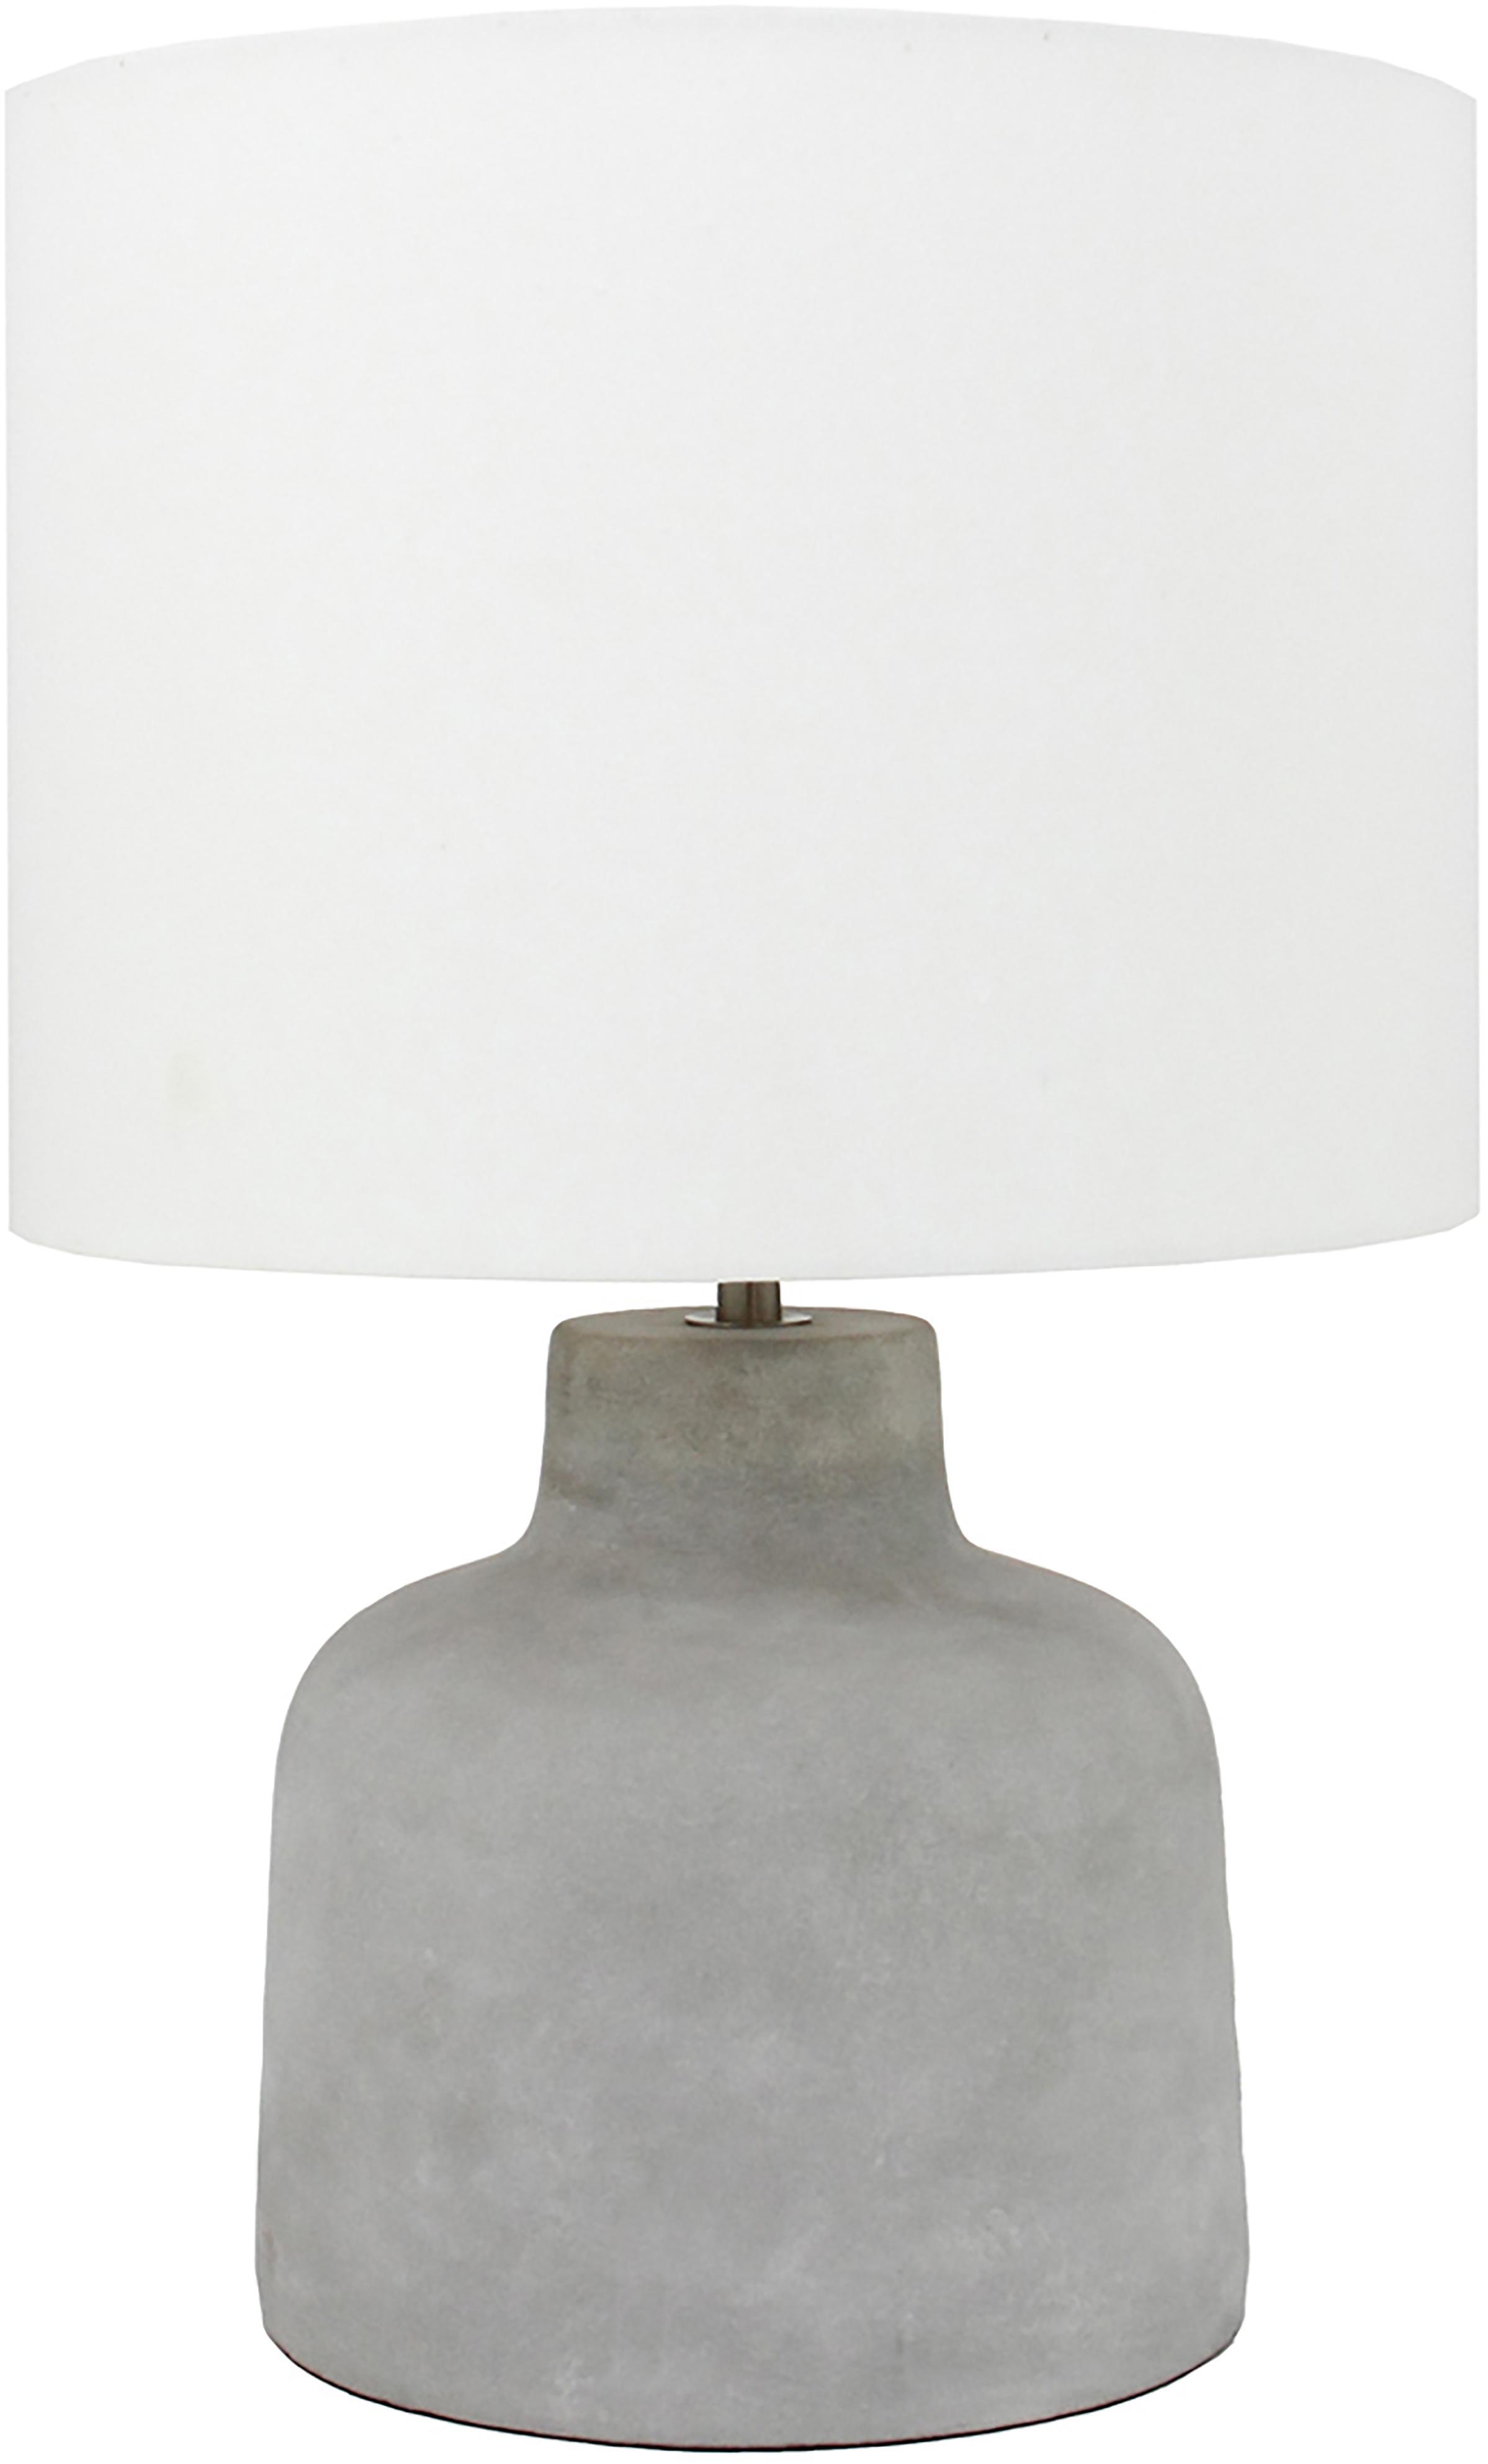 Tafellamp Ike, Lampenkap: 100% linnen, Lampvoet: beton, Betonkleurig, wit, Ø 30 x H 45 cm